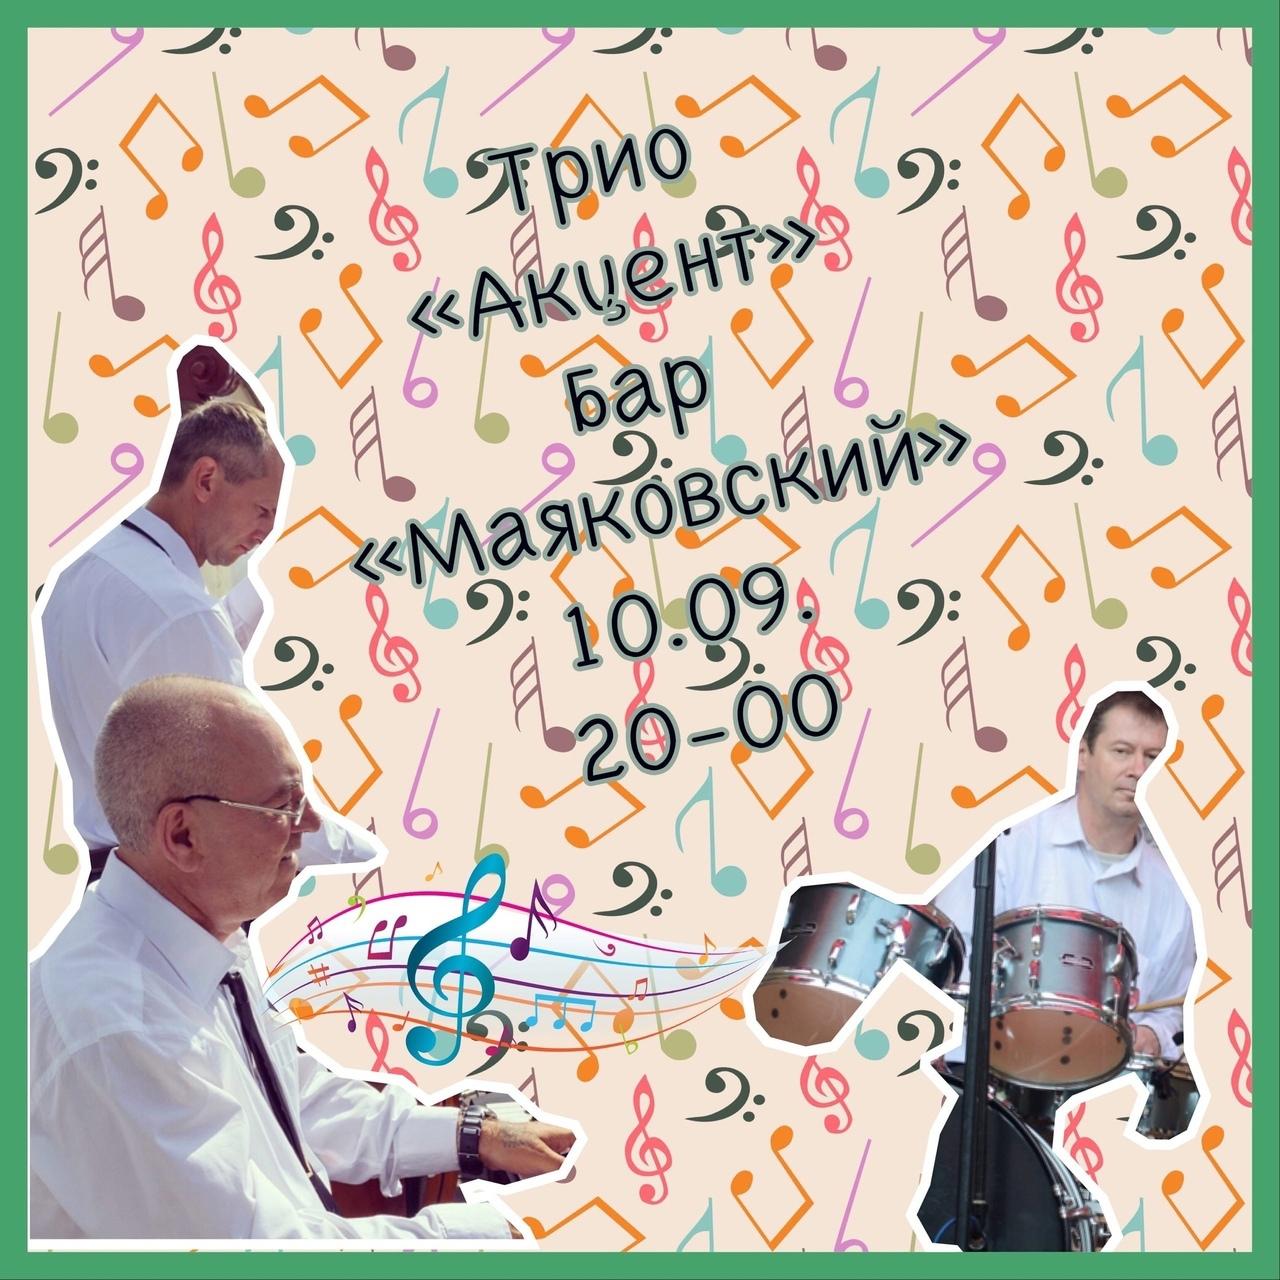 10.09 Трио Акцент в баре Маяковский!